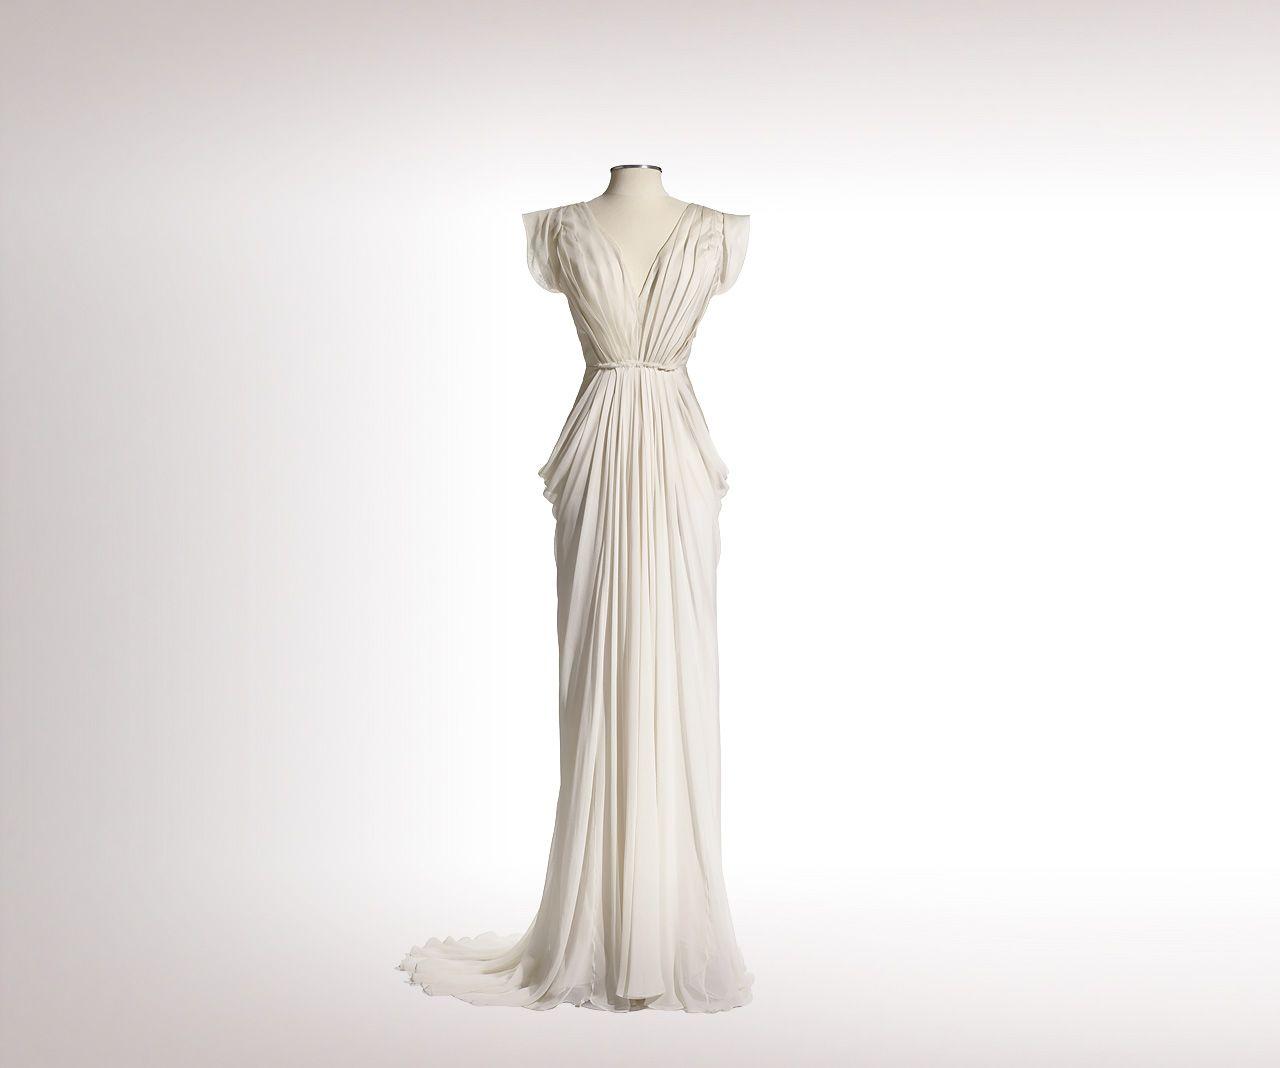 Bridal Lookbook, J. Mendel - Anastasia   Wedding Dress   Pinterest